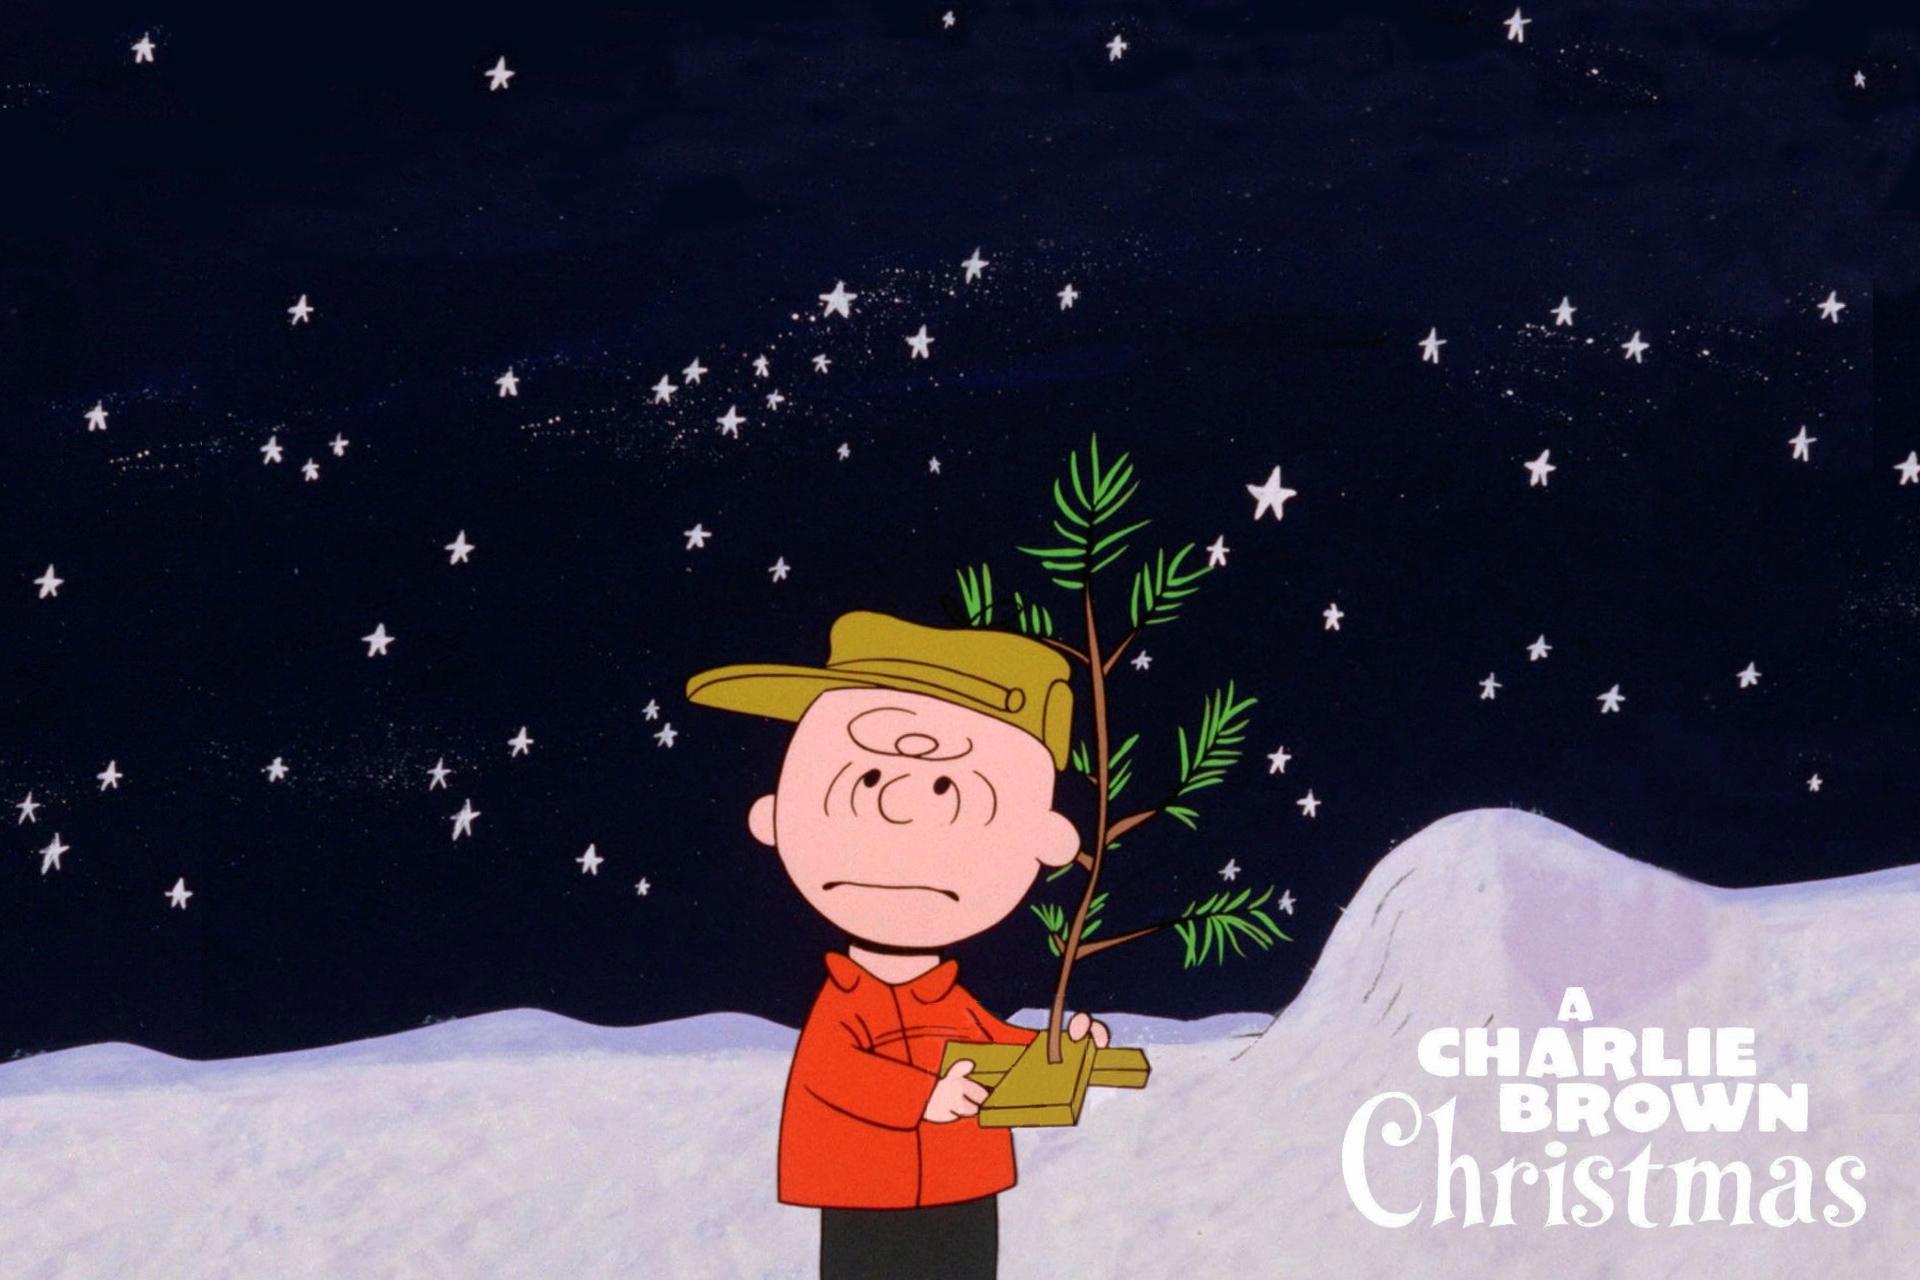 charlie brown christmas desktop wallpaper 2015   Grasscloth Wallpaper 1920x1280